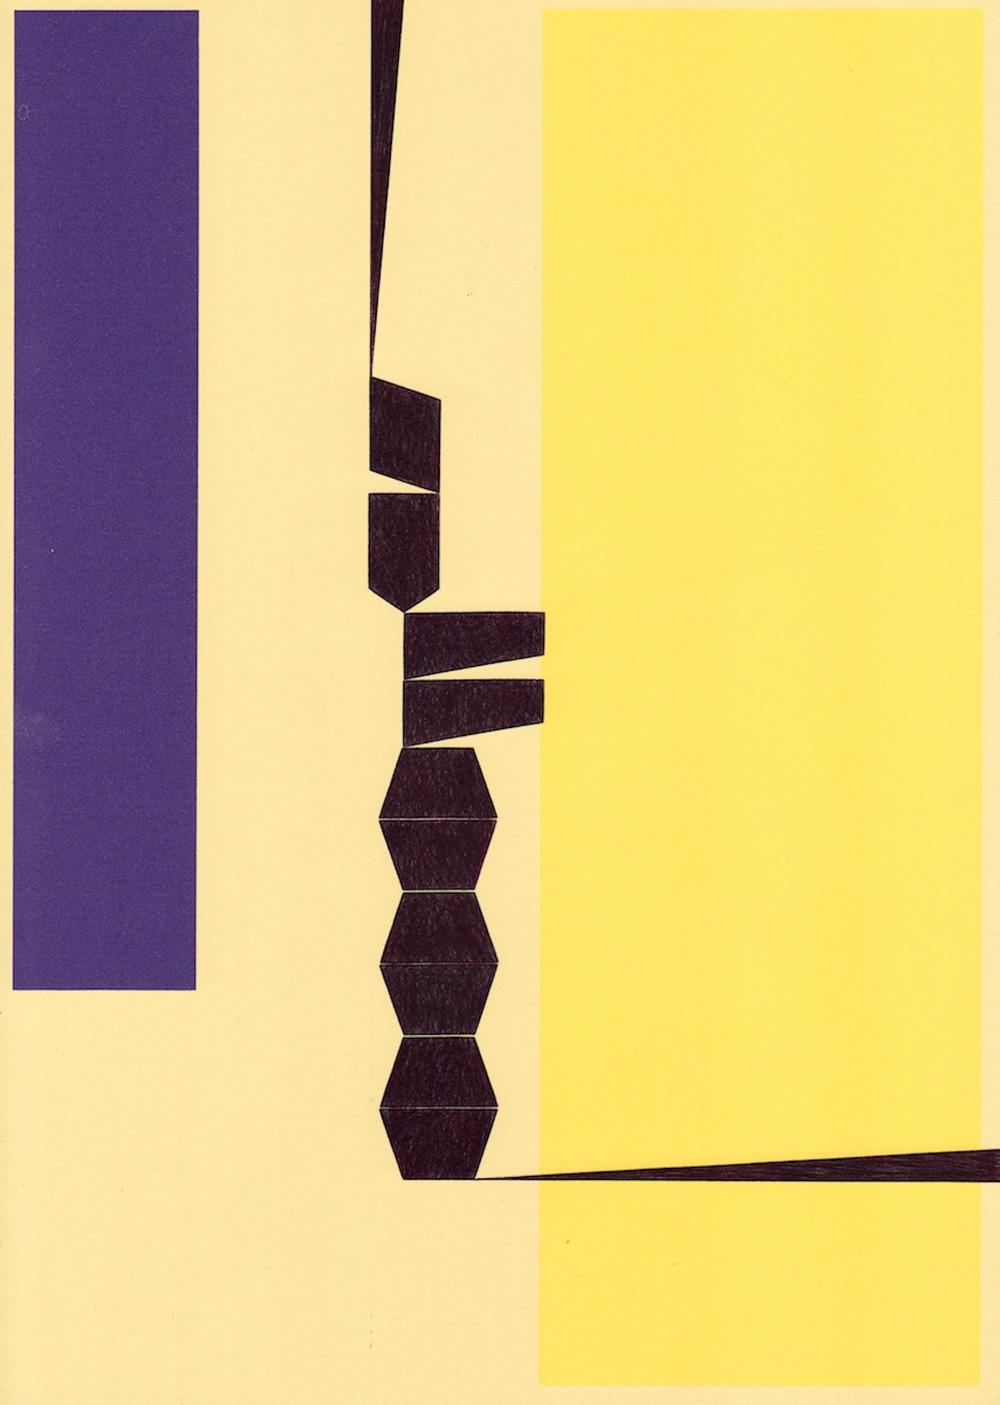 Richard Caldicott  'Untitled', 2016  Ballpoint pen and inkjet on paper  29.7 x 21 cm